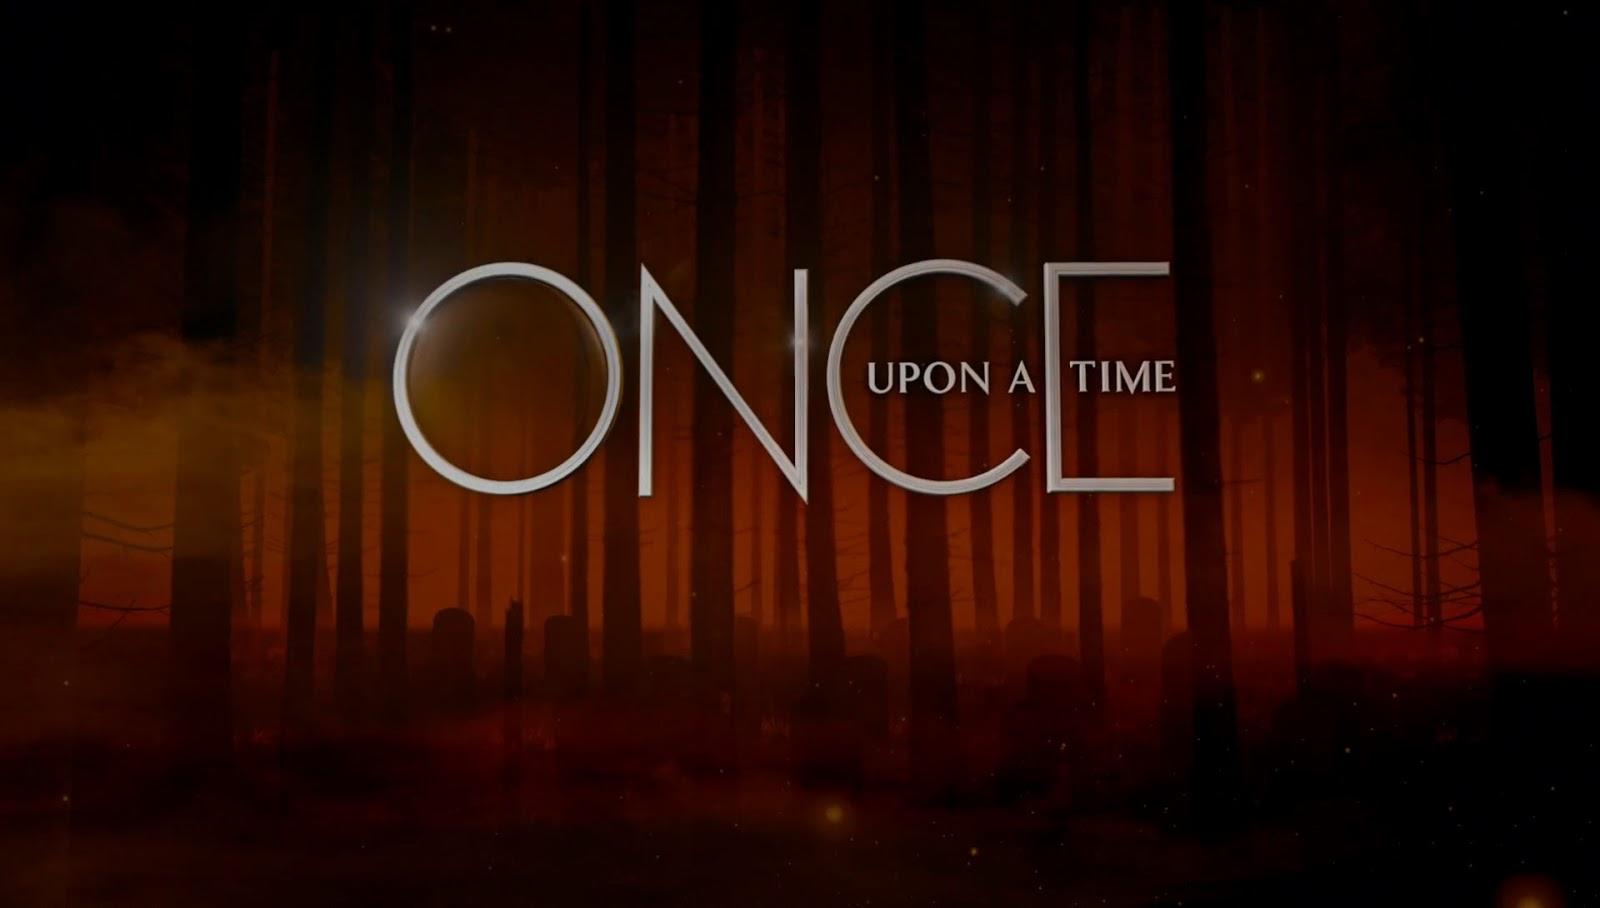 Larga vida a la Reina con la nueva imagen promocional de Once Upon A Time